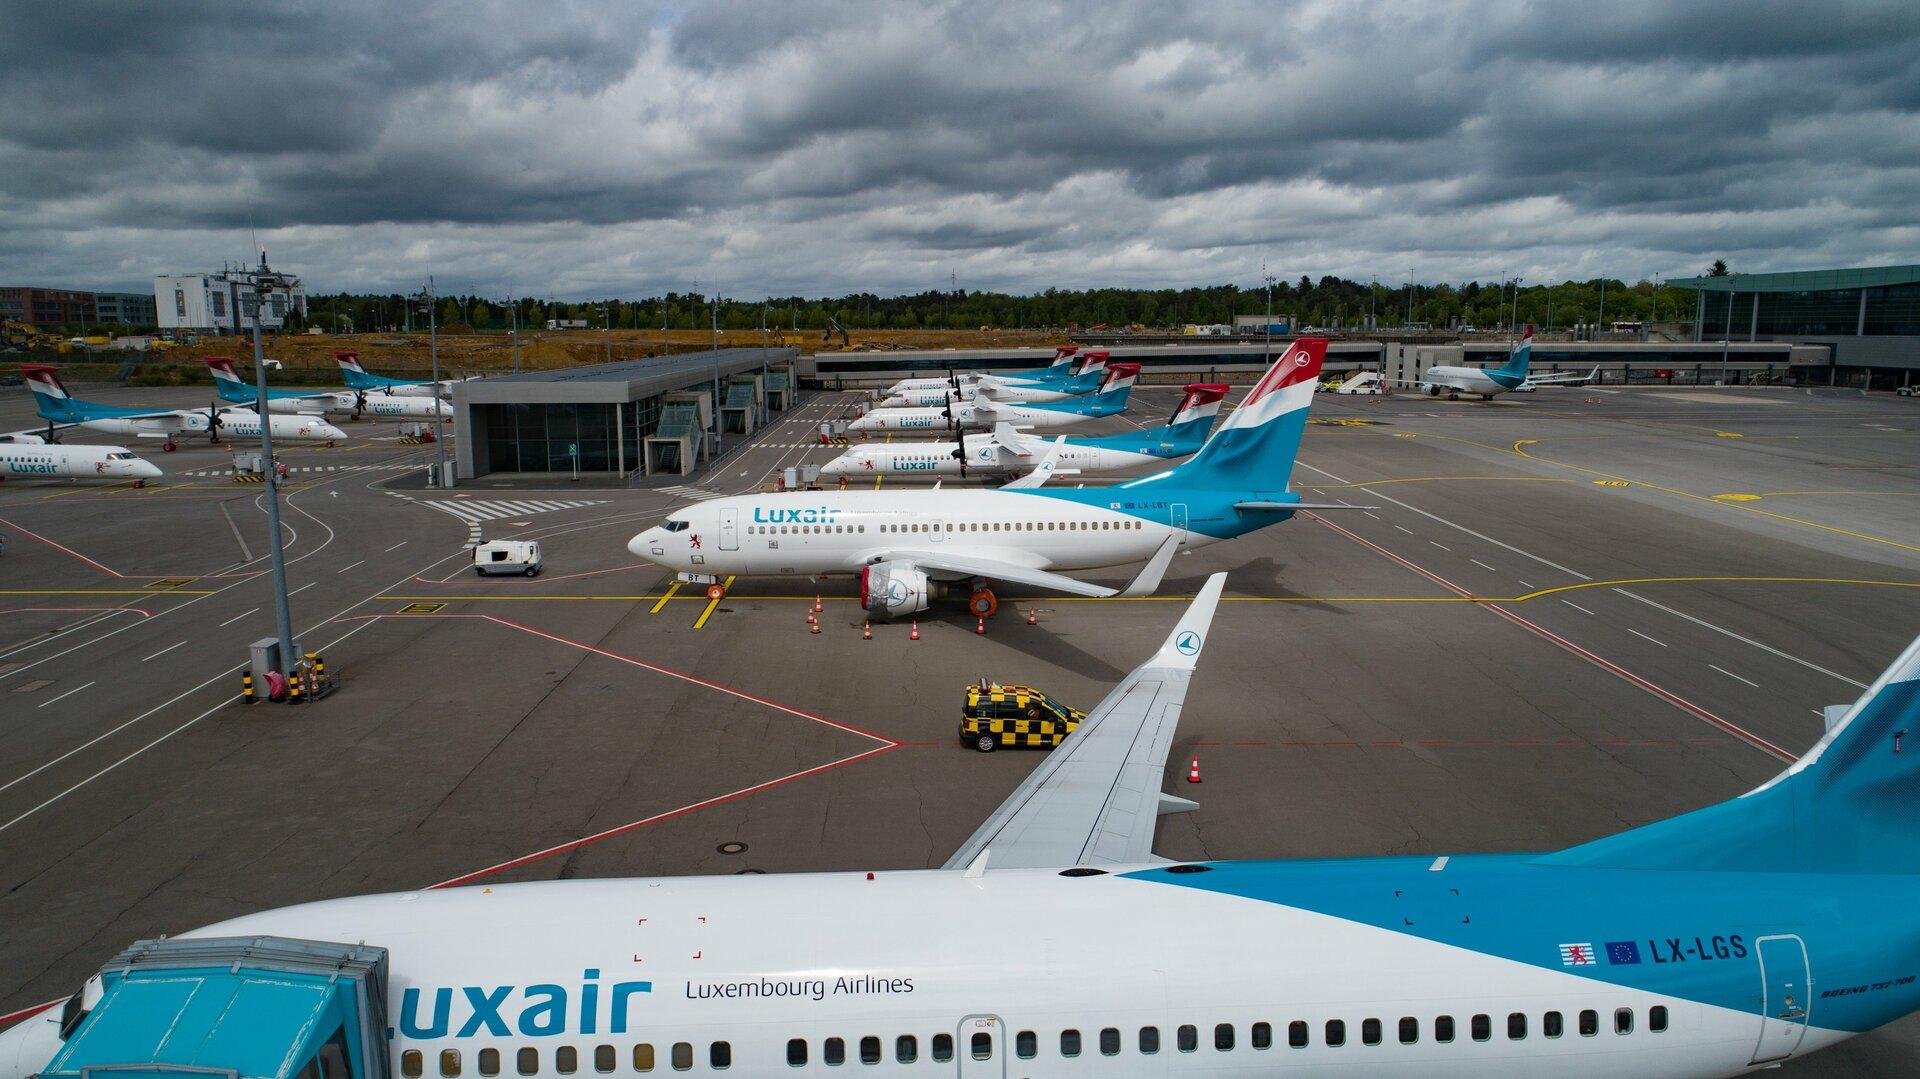 Problème technique :Un vol Luxair a dû être dévié vers Copenhague